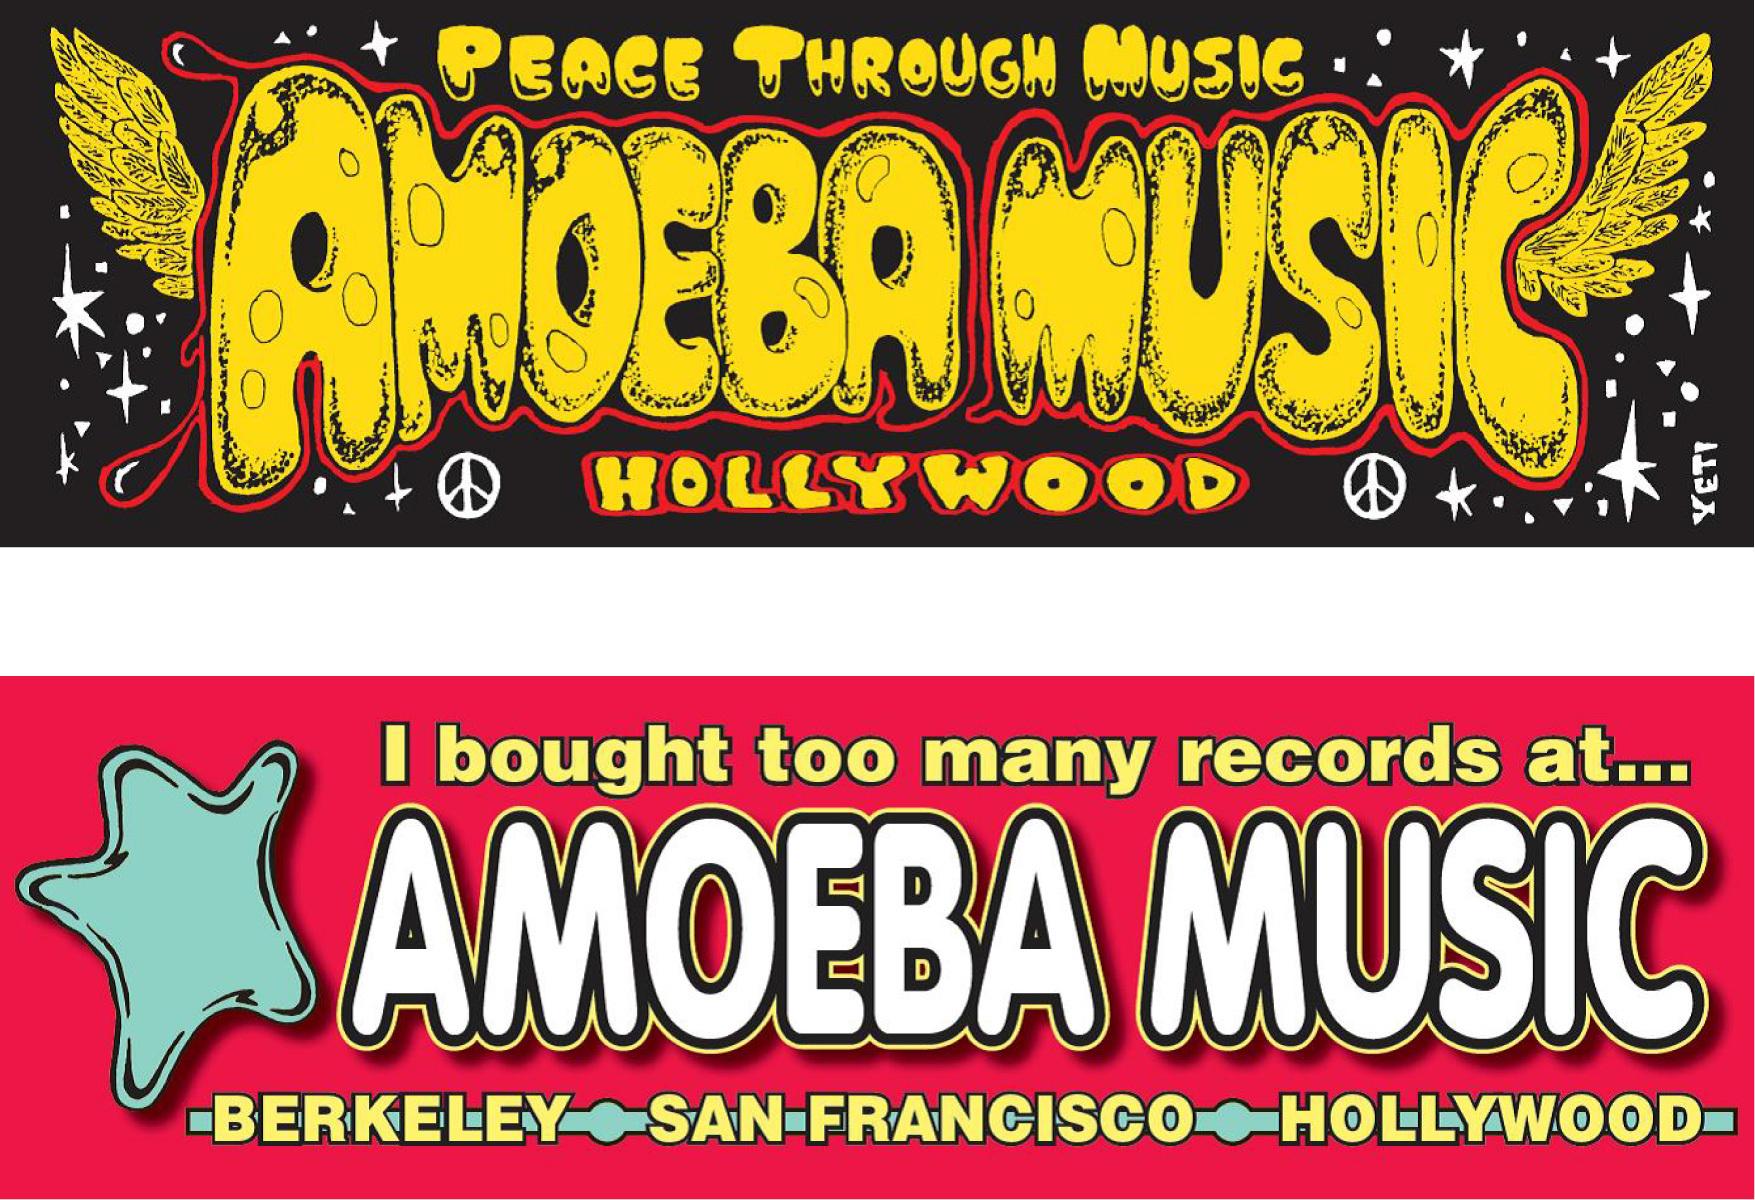 品番0280 Amoeba Music アメーバミュージック 『HOLLYWOOD ハリウッド』 バンパーステッカー シール 10枚セット アメリカン雑貨 新品雑貨